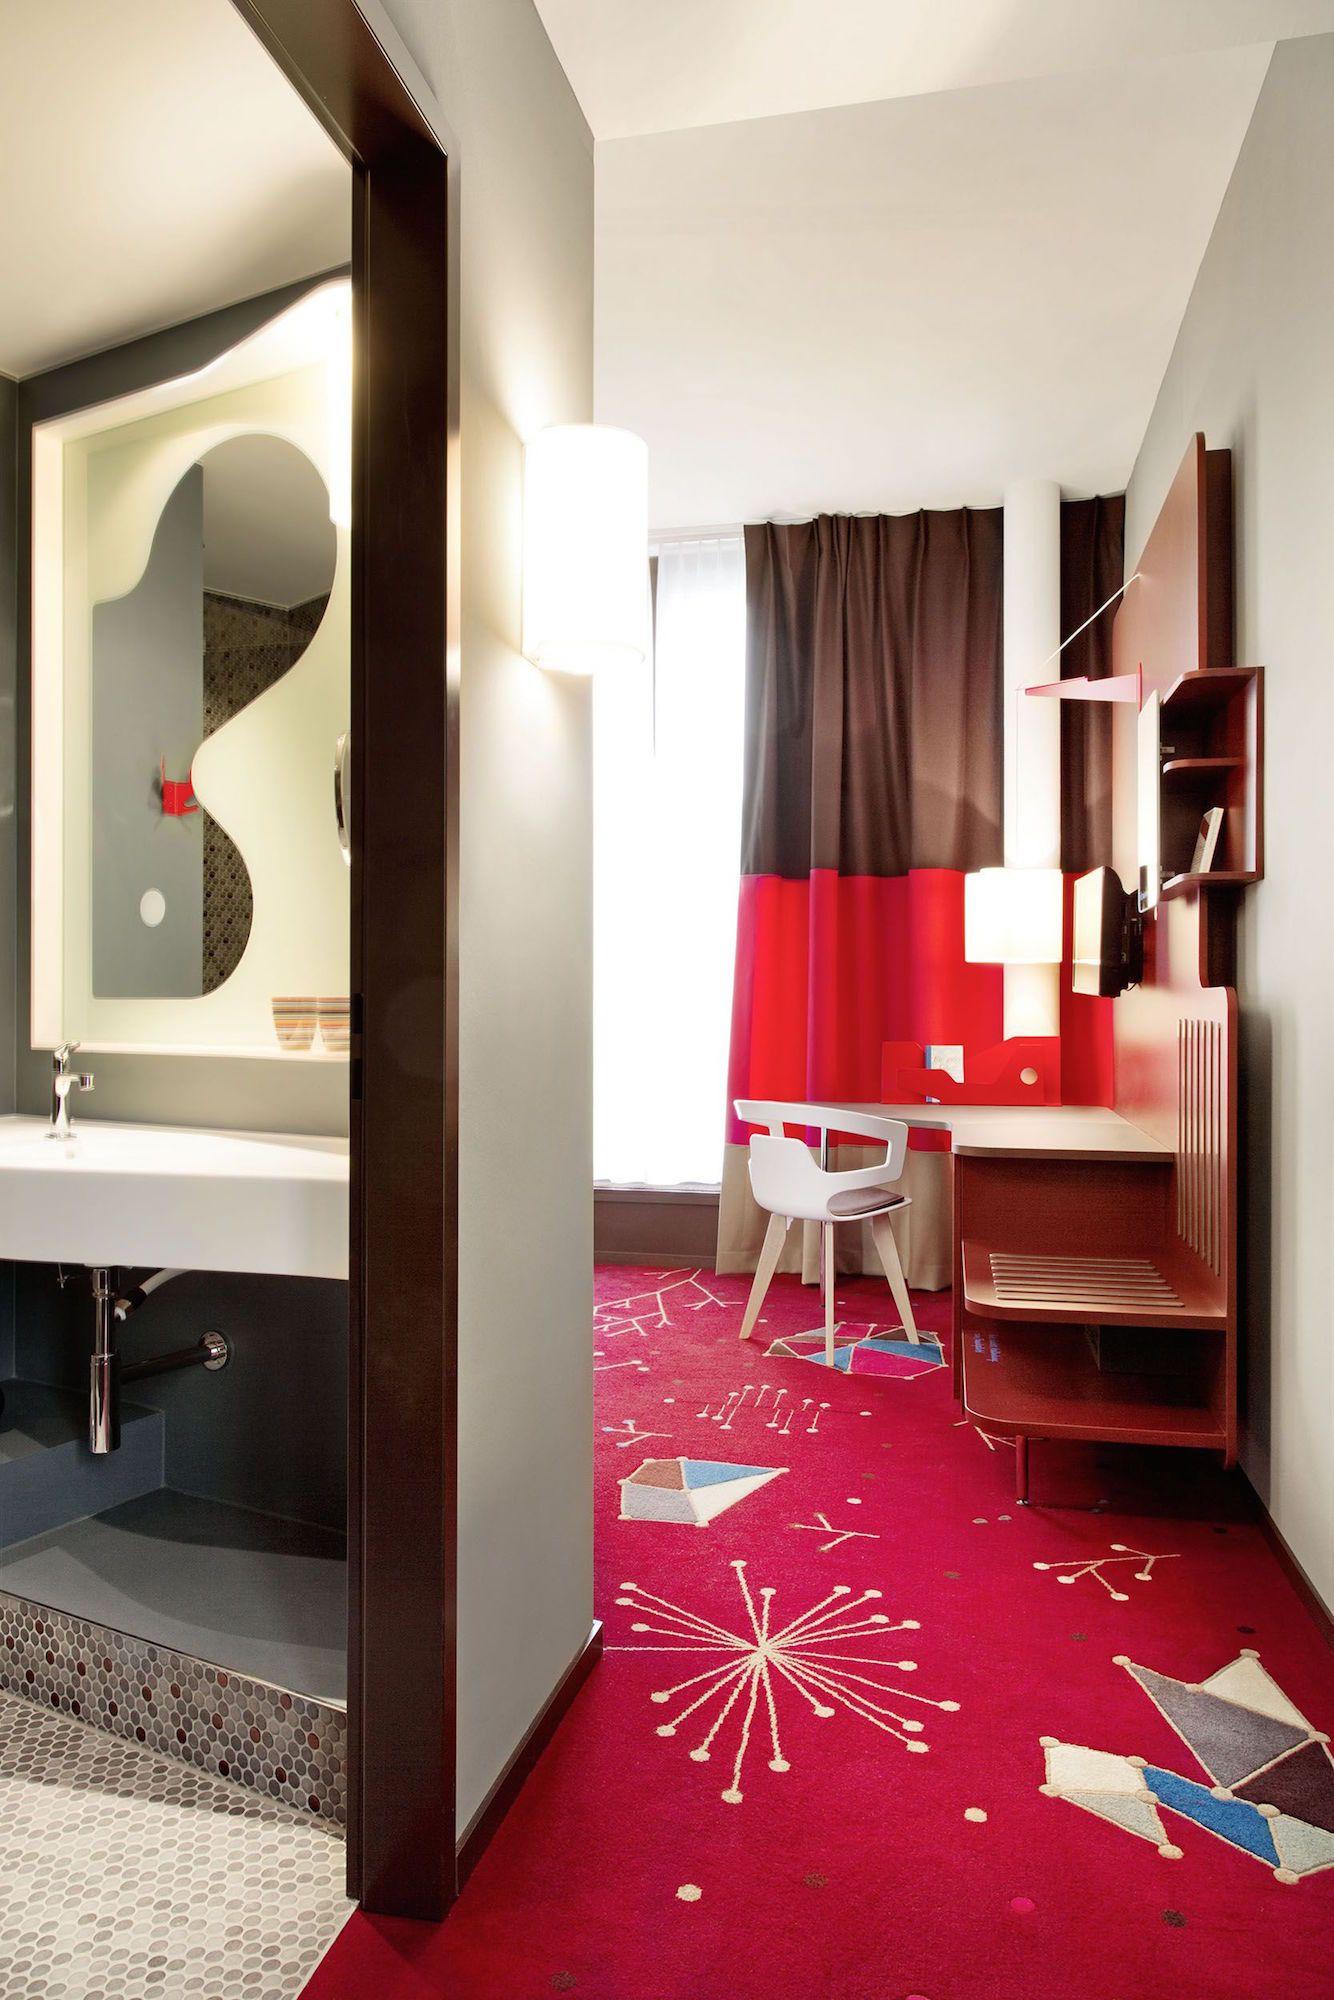 Hotel_25hours_Bronzezimmer_01